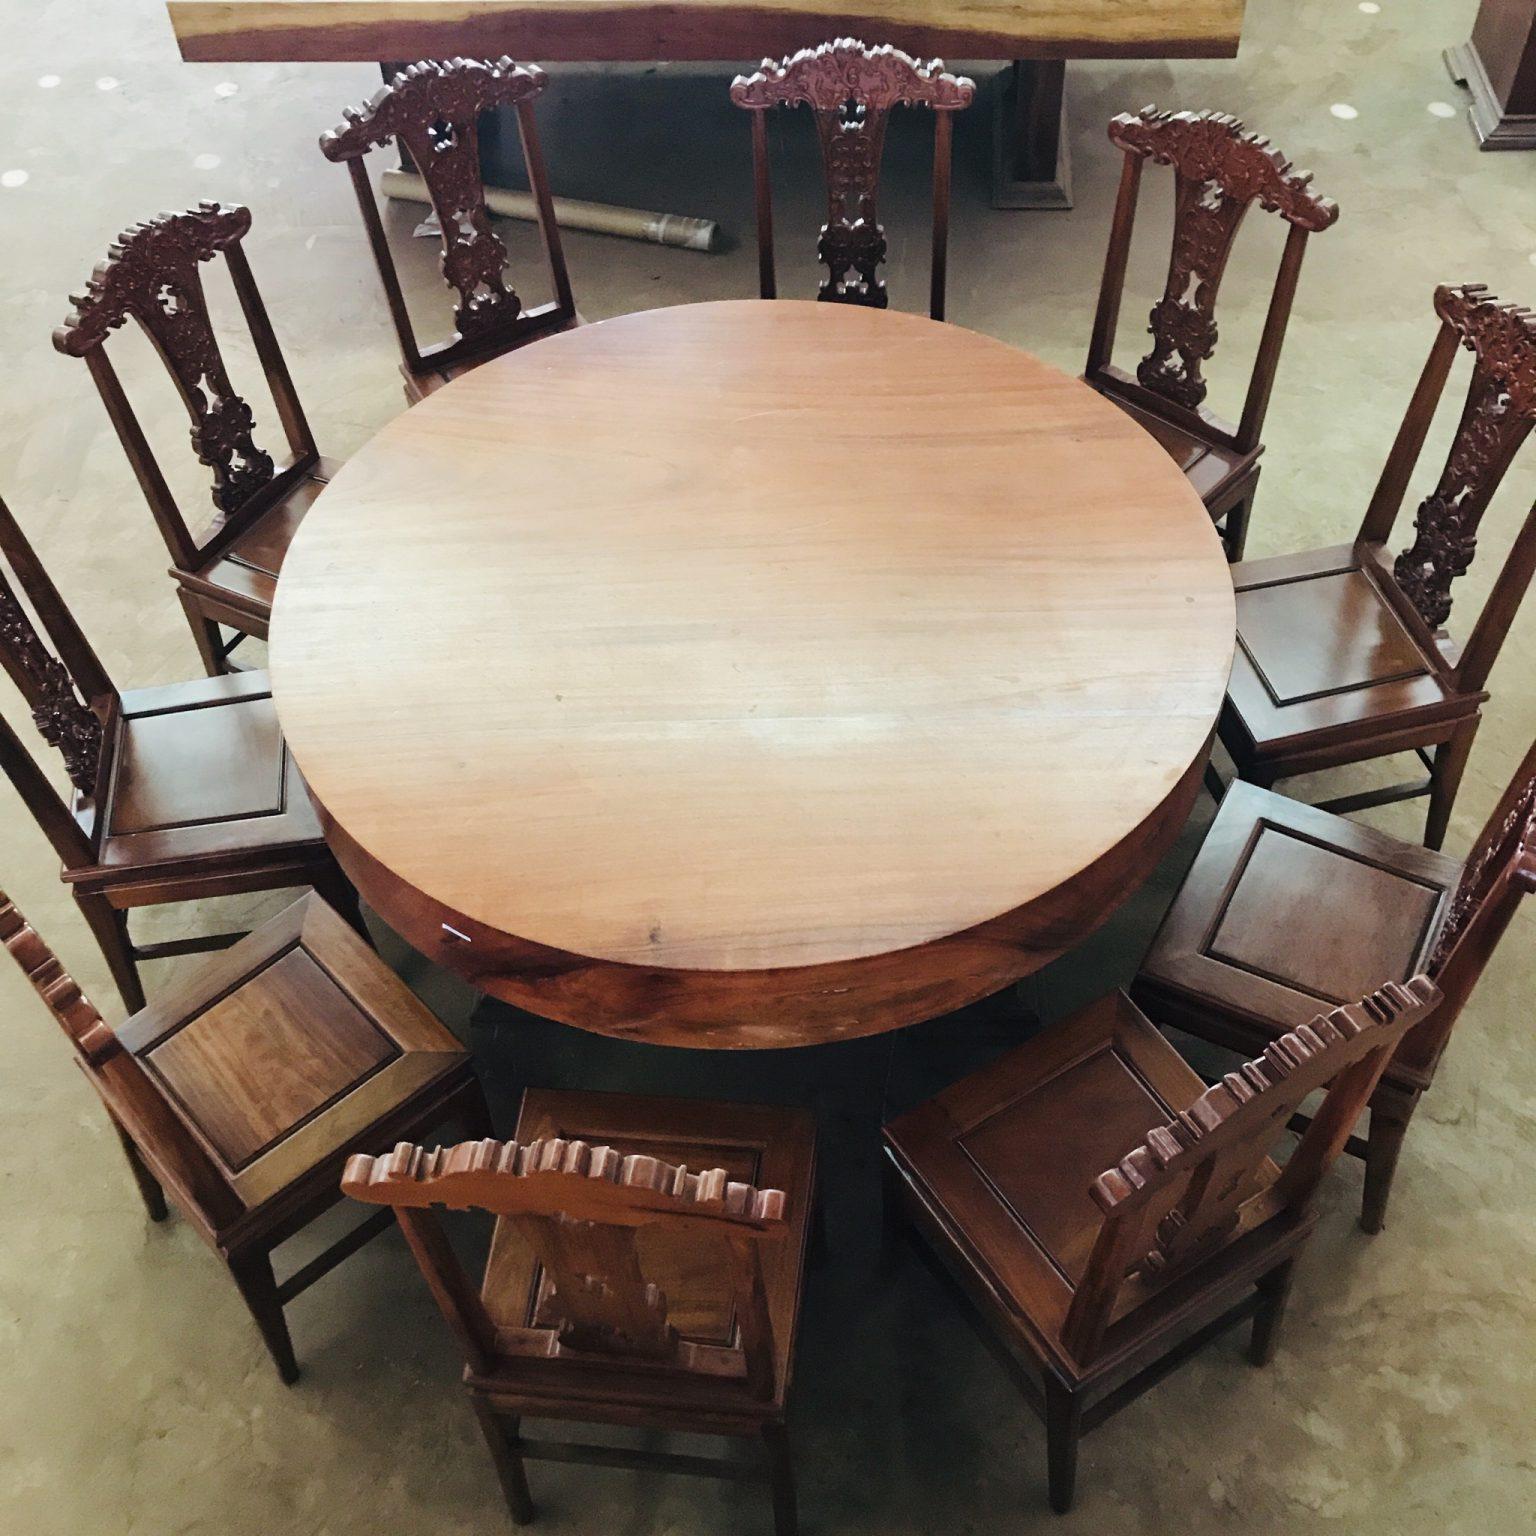 Bàn tròn gỗ gõ vàng 1m54 x 20cm ,10 ghế gỗ căm xe